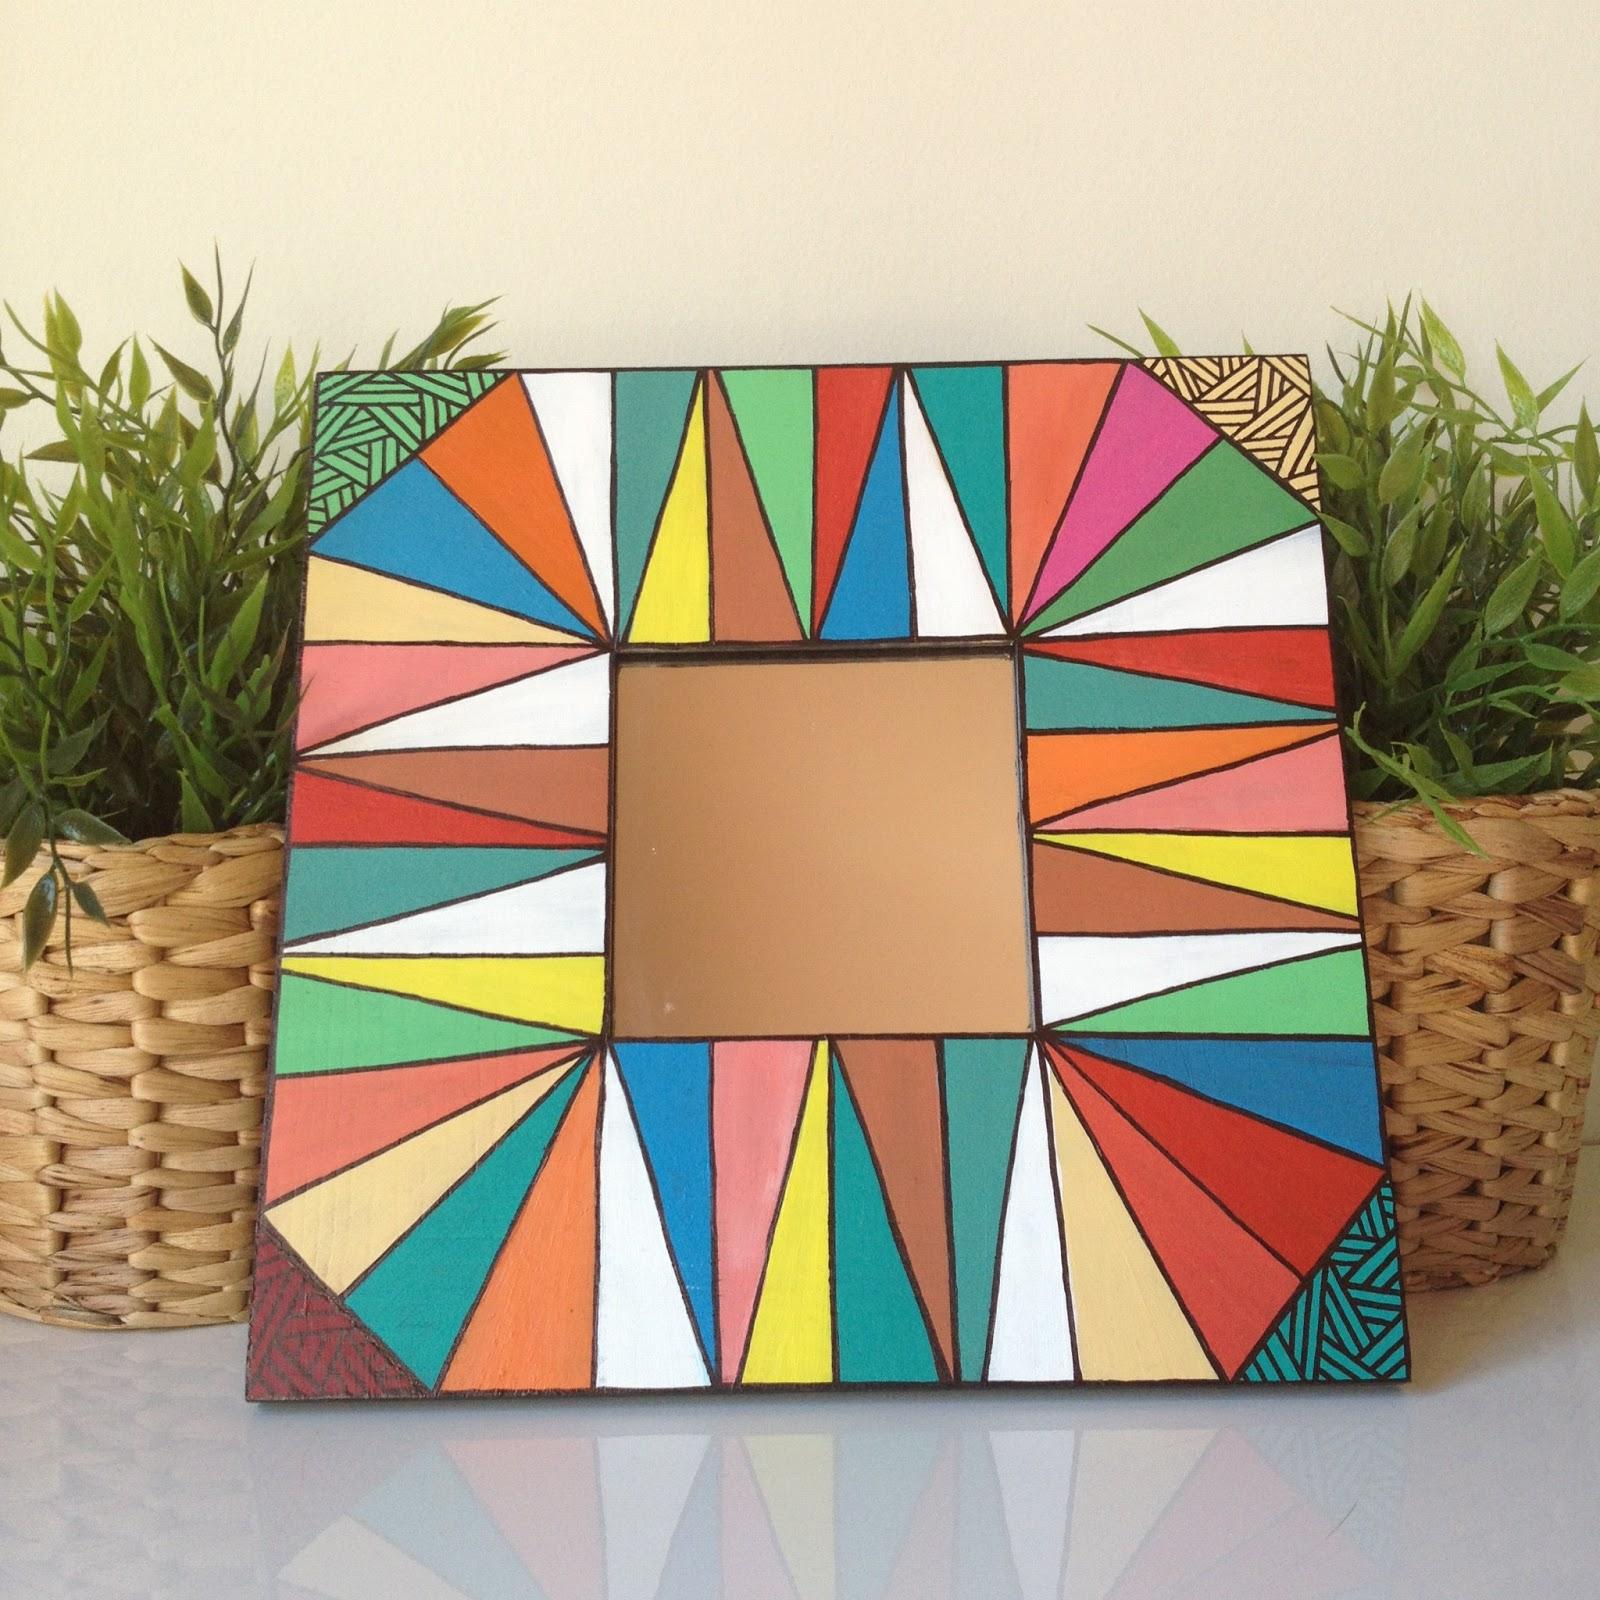 hoy os enseamos un adelanto de la nueva coleccin de espejos para la casa en la que estamos trabajando como podeis ver son espejos pintados